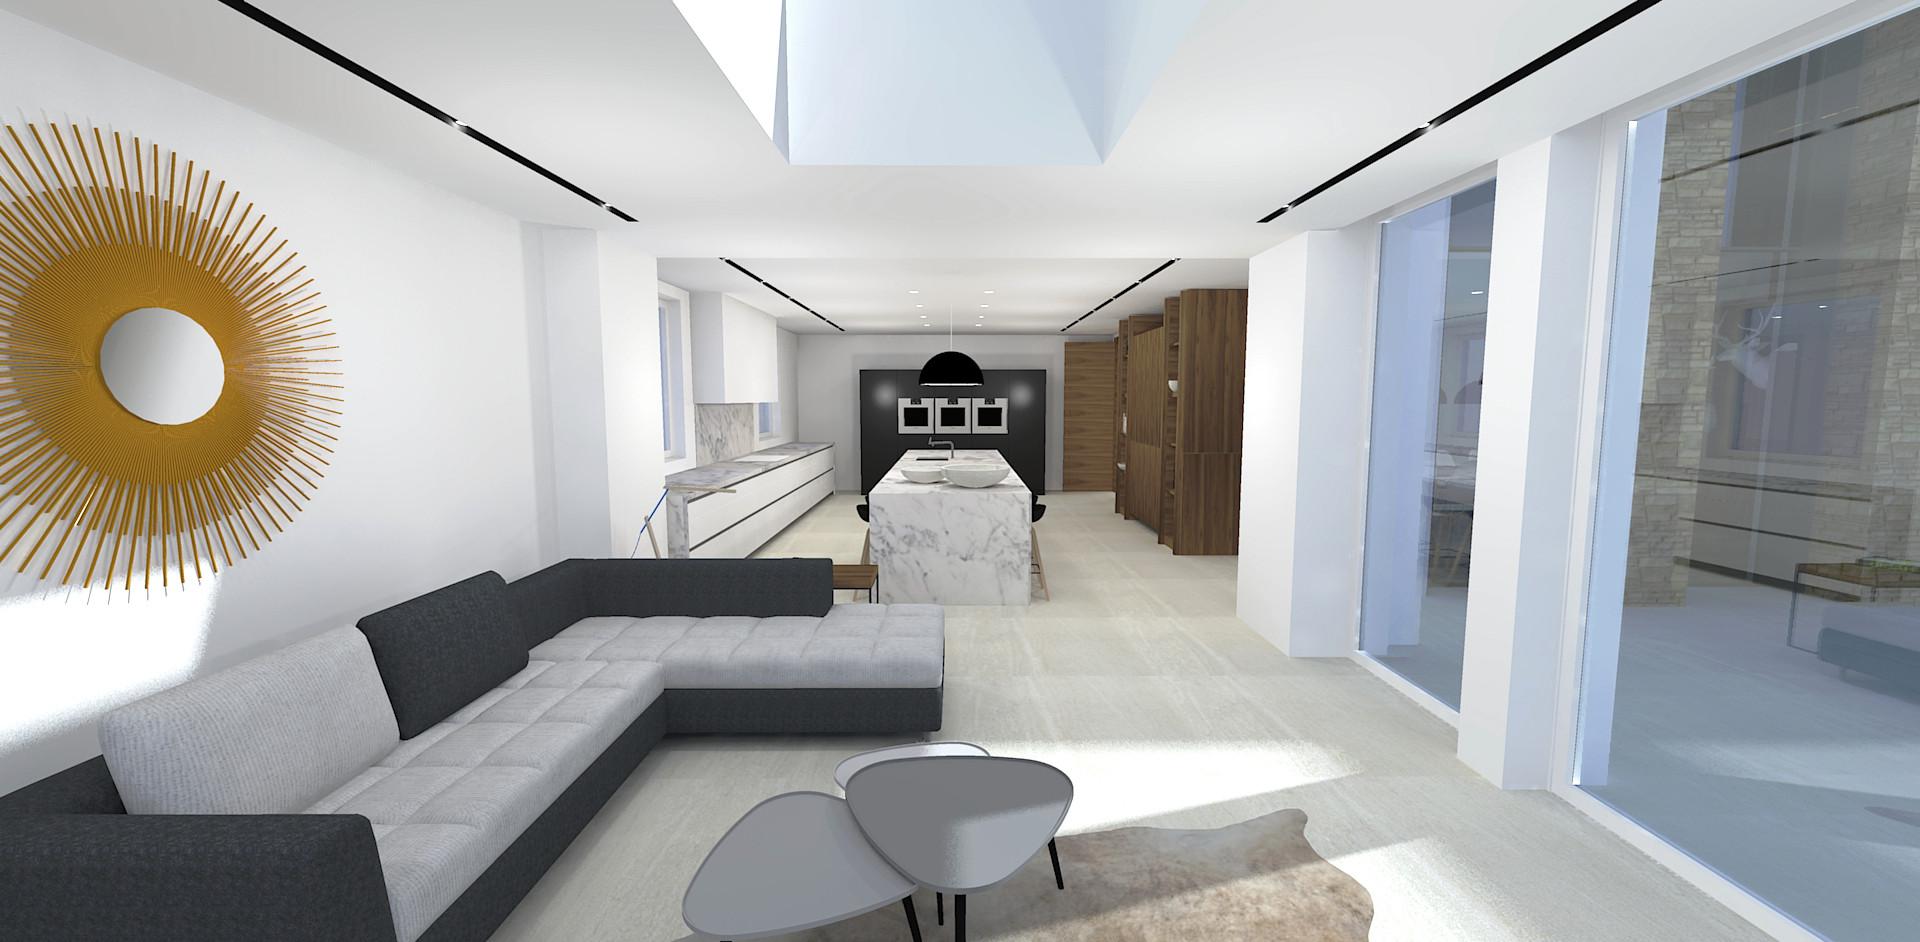 Modern kitchen & living interior design 3D